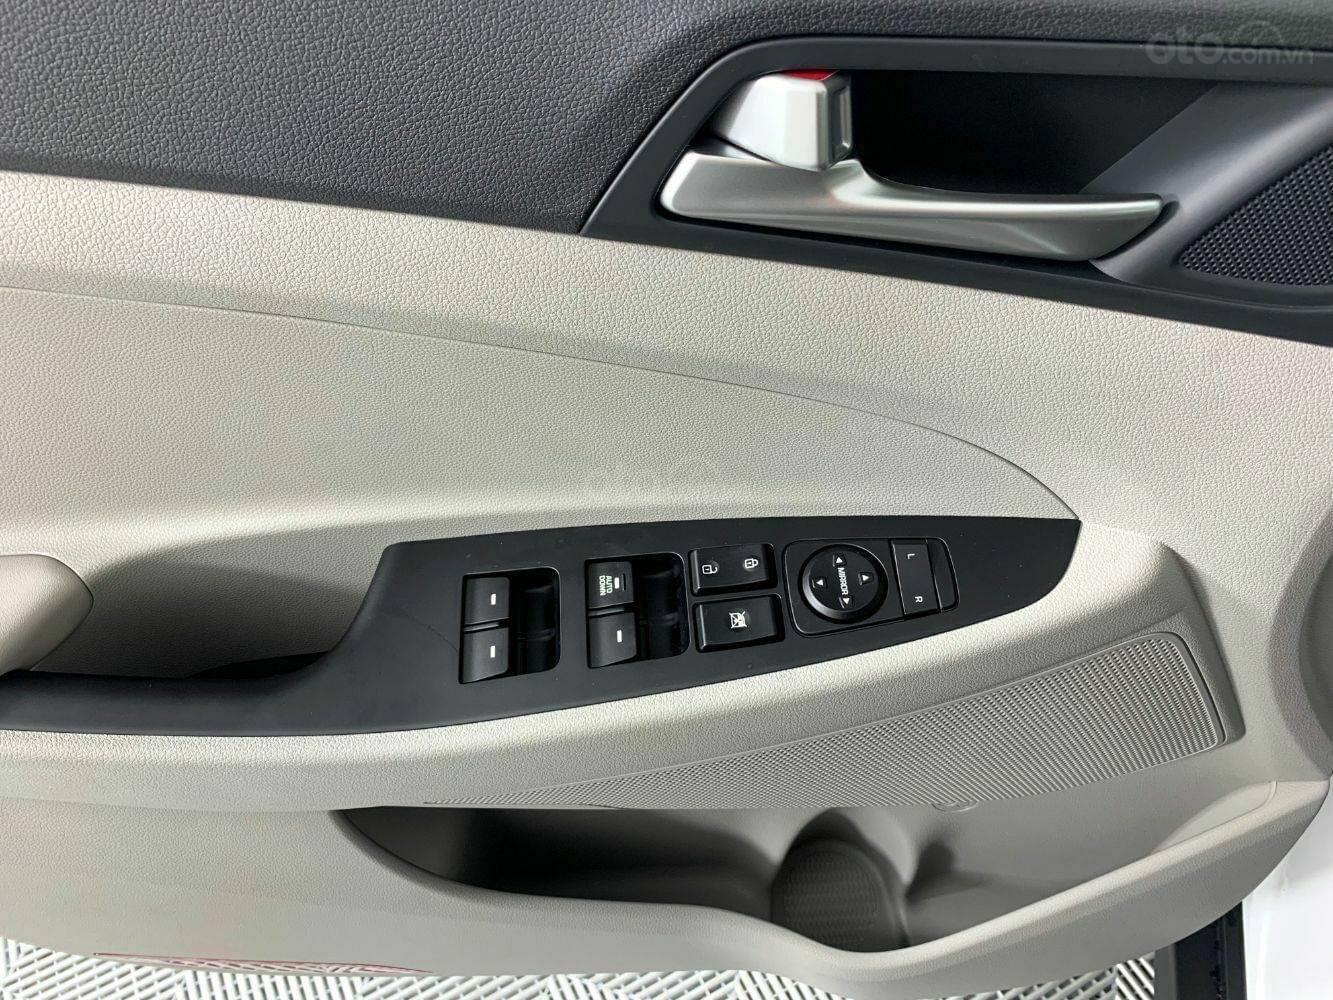 [TPHCM] Hyundai Tucson sẵn kho, đủ màu, hỗ trợ vay lên đến 85%+ chương trình khuyến mãi hấp dẫn (9)